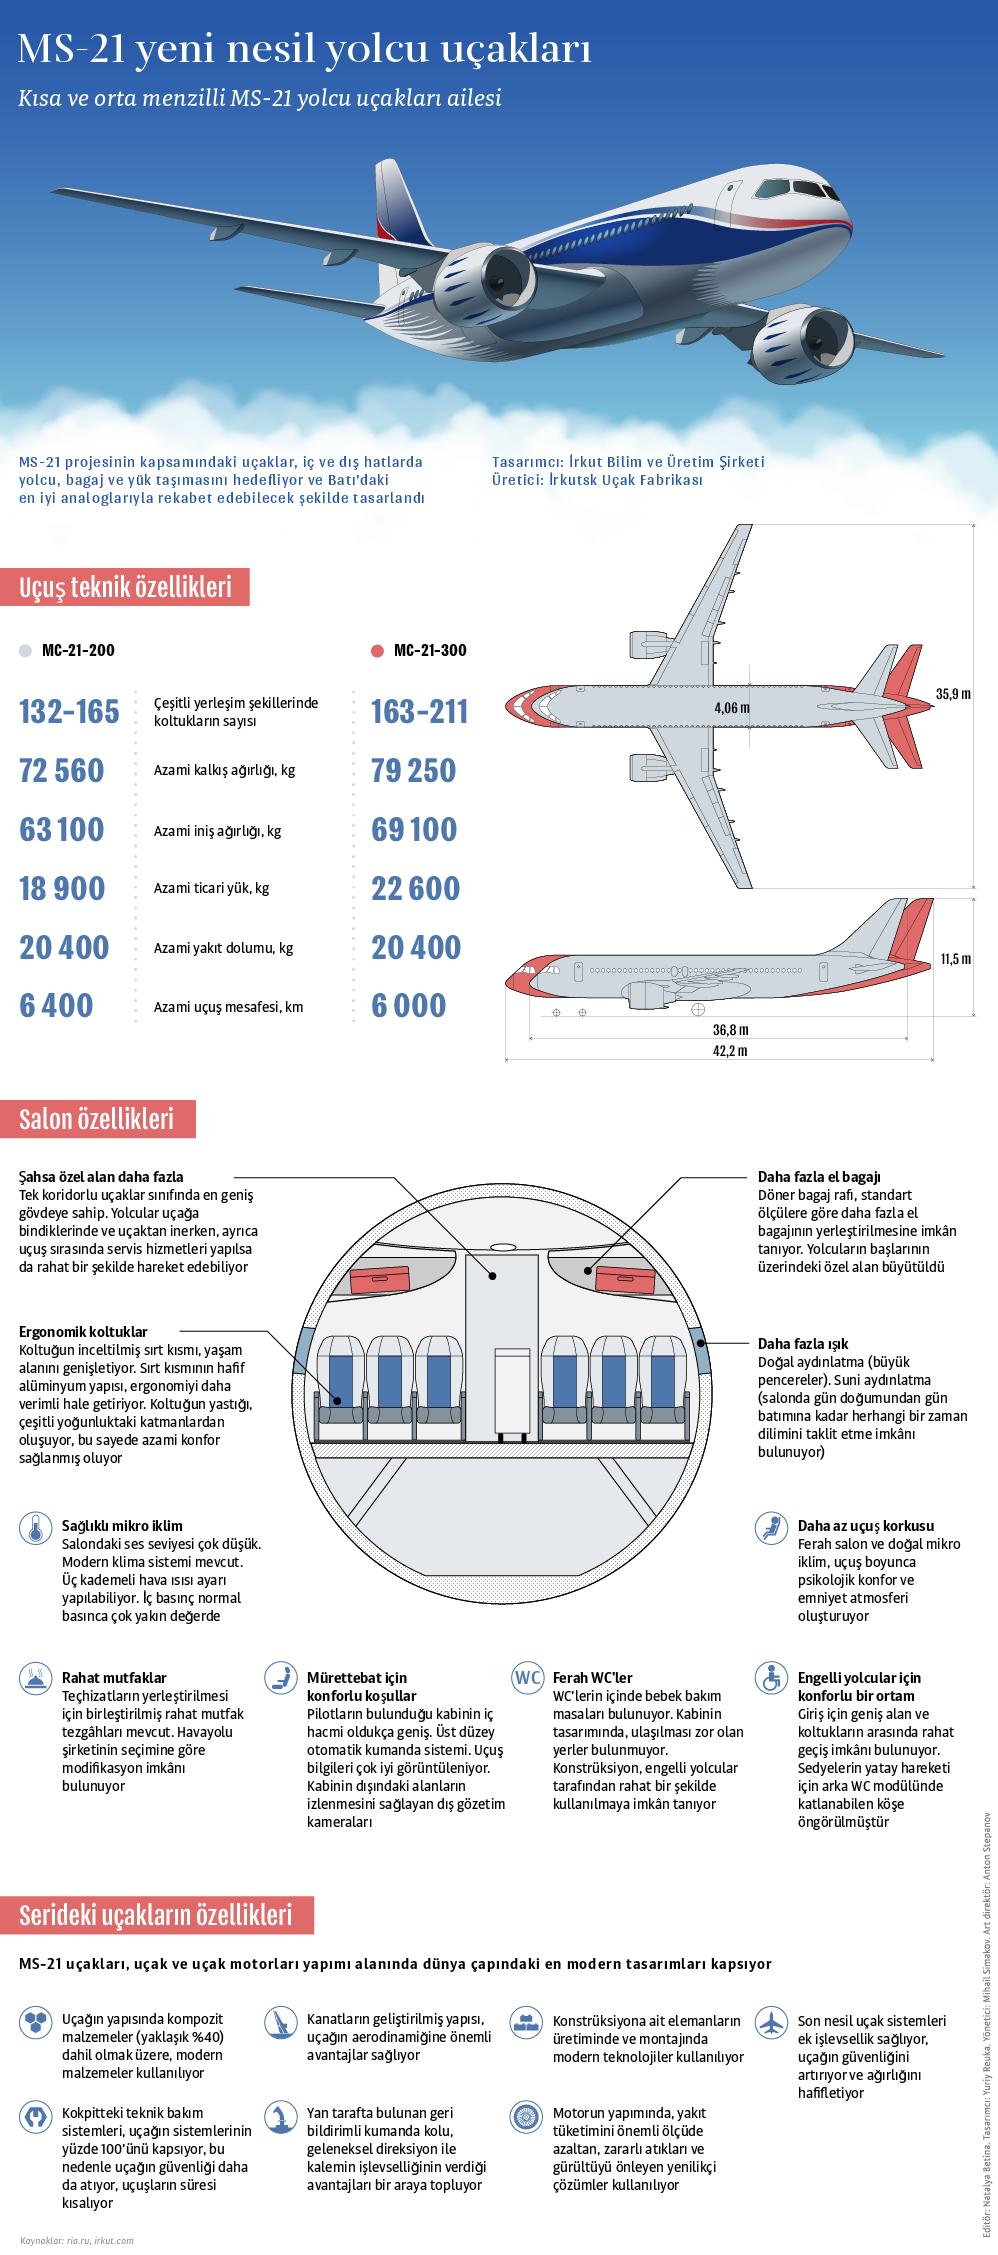 Türkiye'nin ilgi gösterdiği MS-21 tipi Rus yolcu uçağı. - Sputnik Türkiye